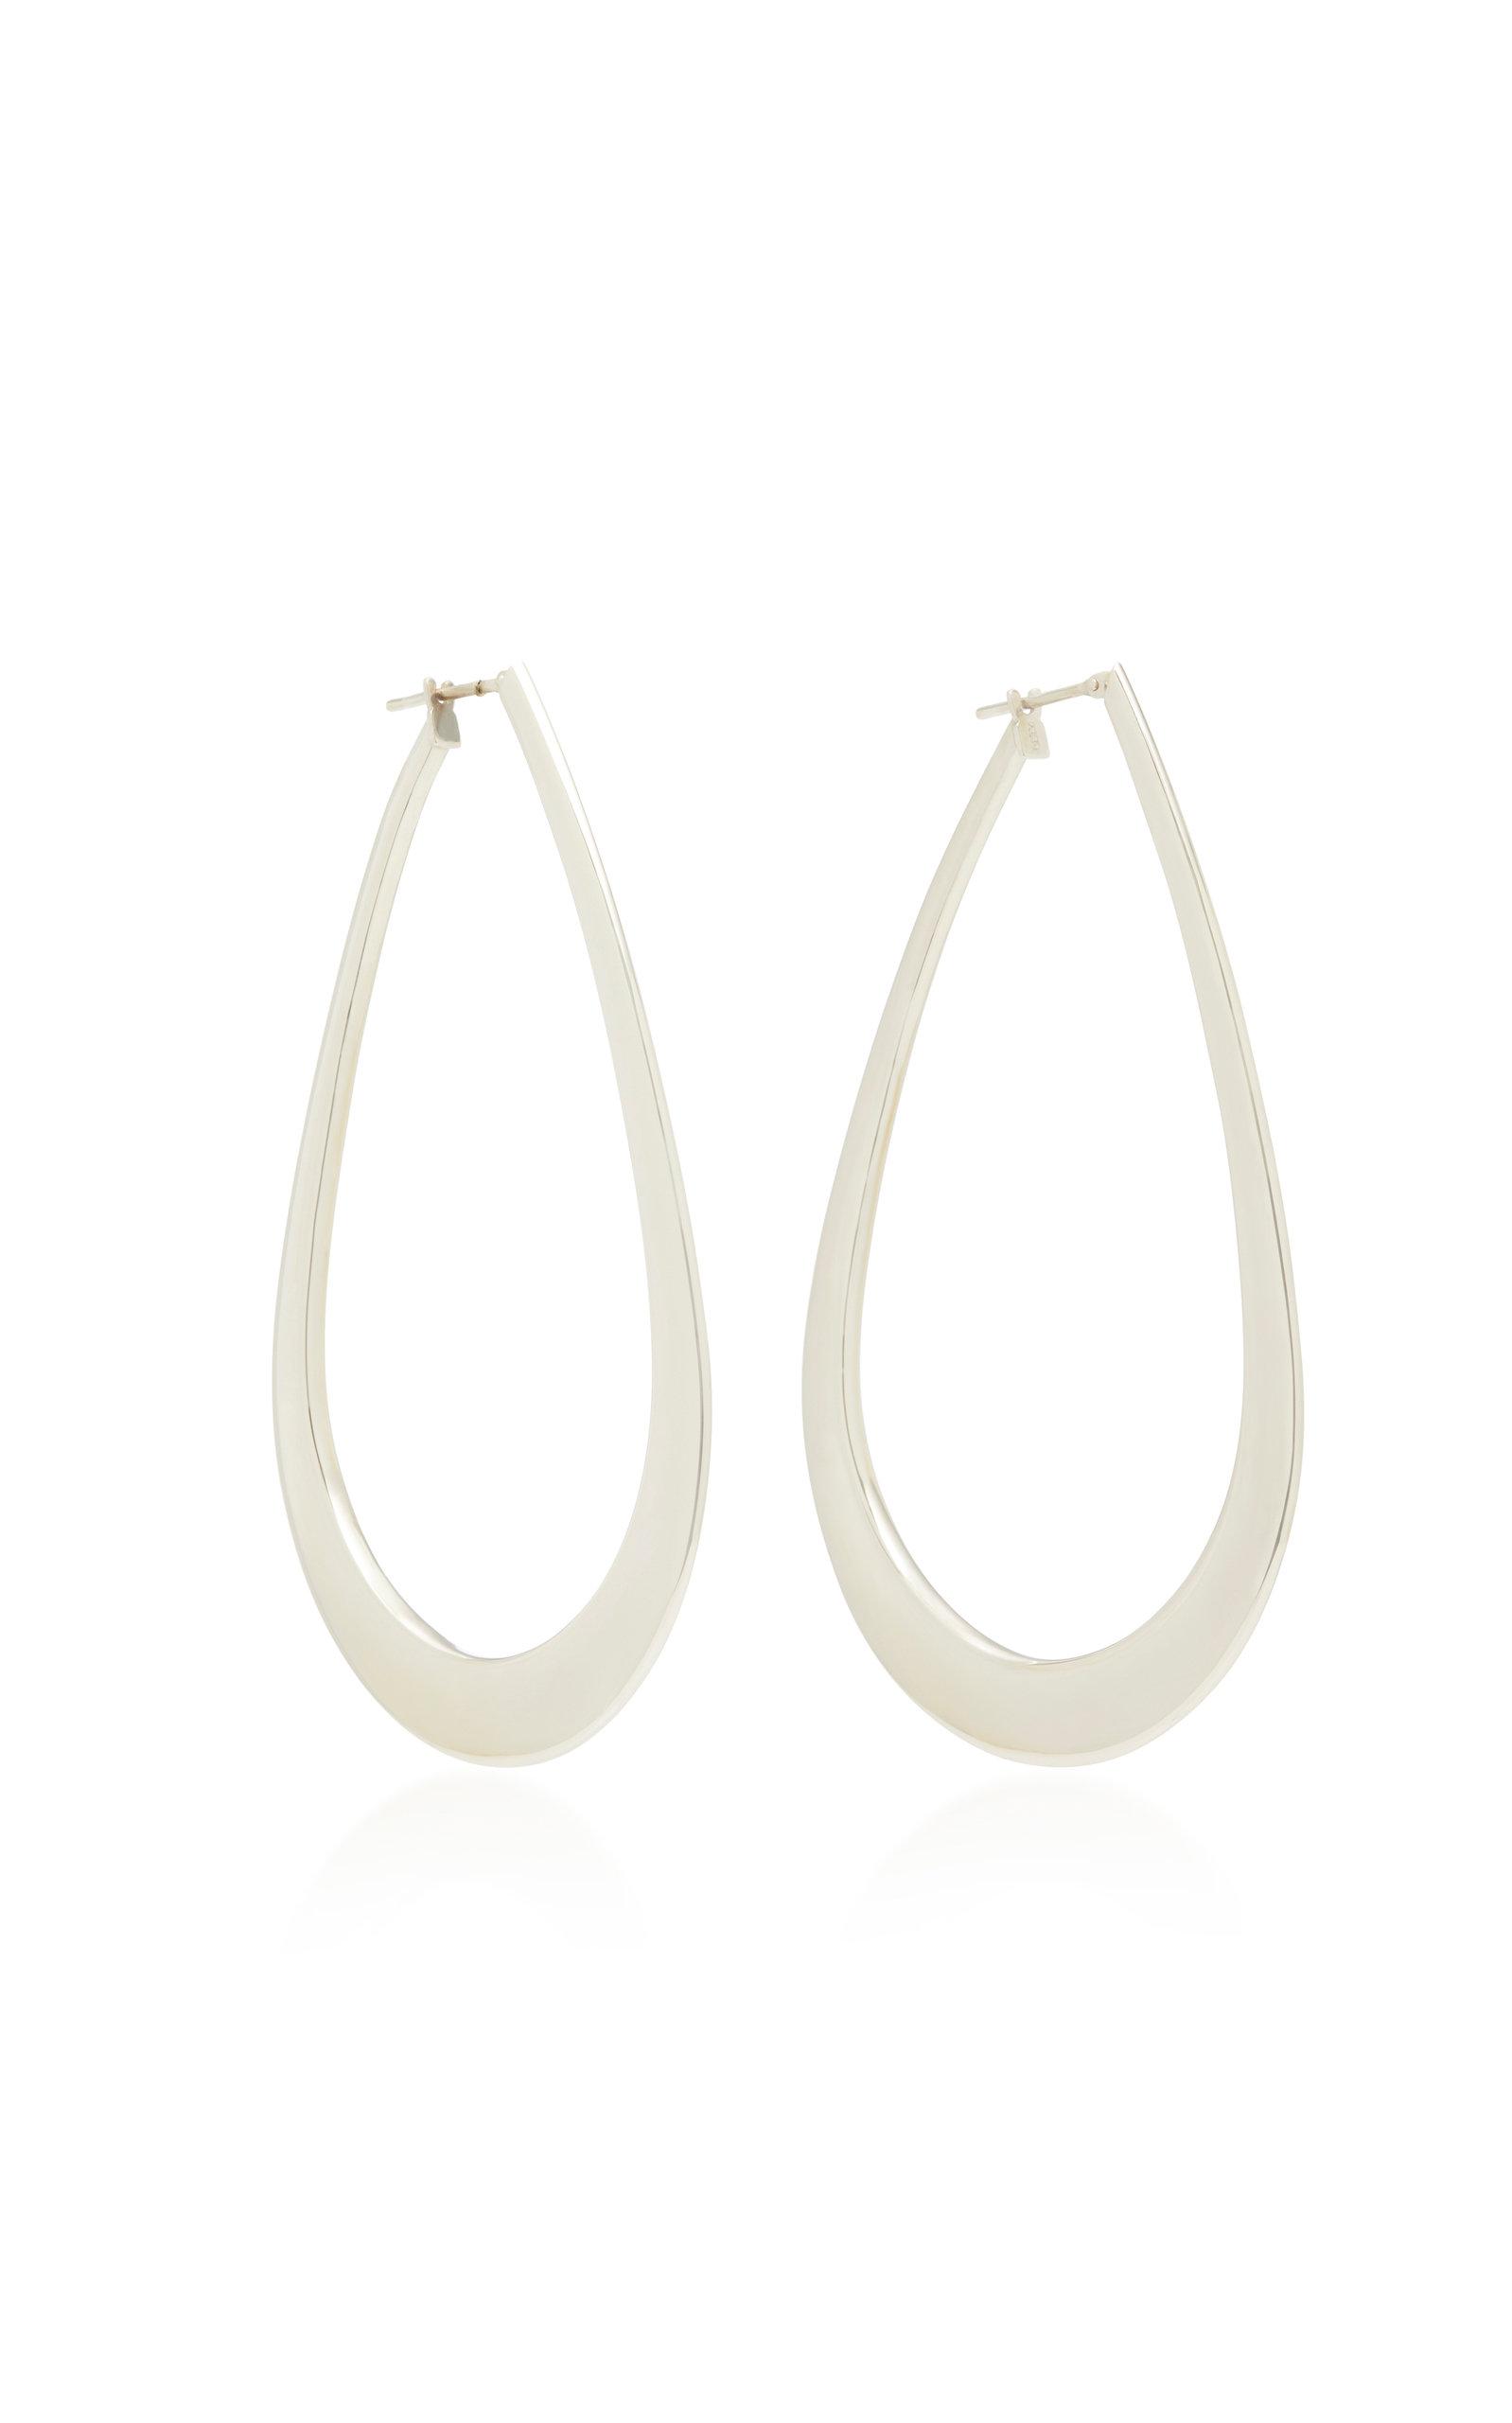 SIDNEY GARBER 18K WHITE GOLD HOOP EARRINGS